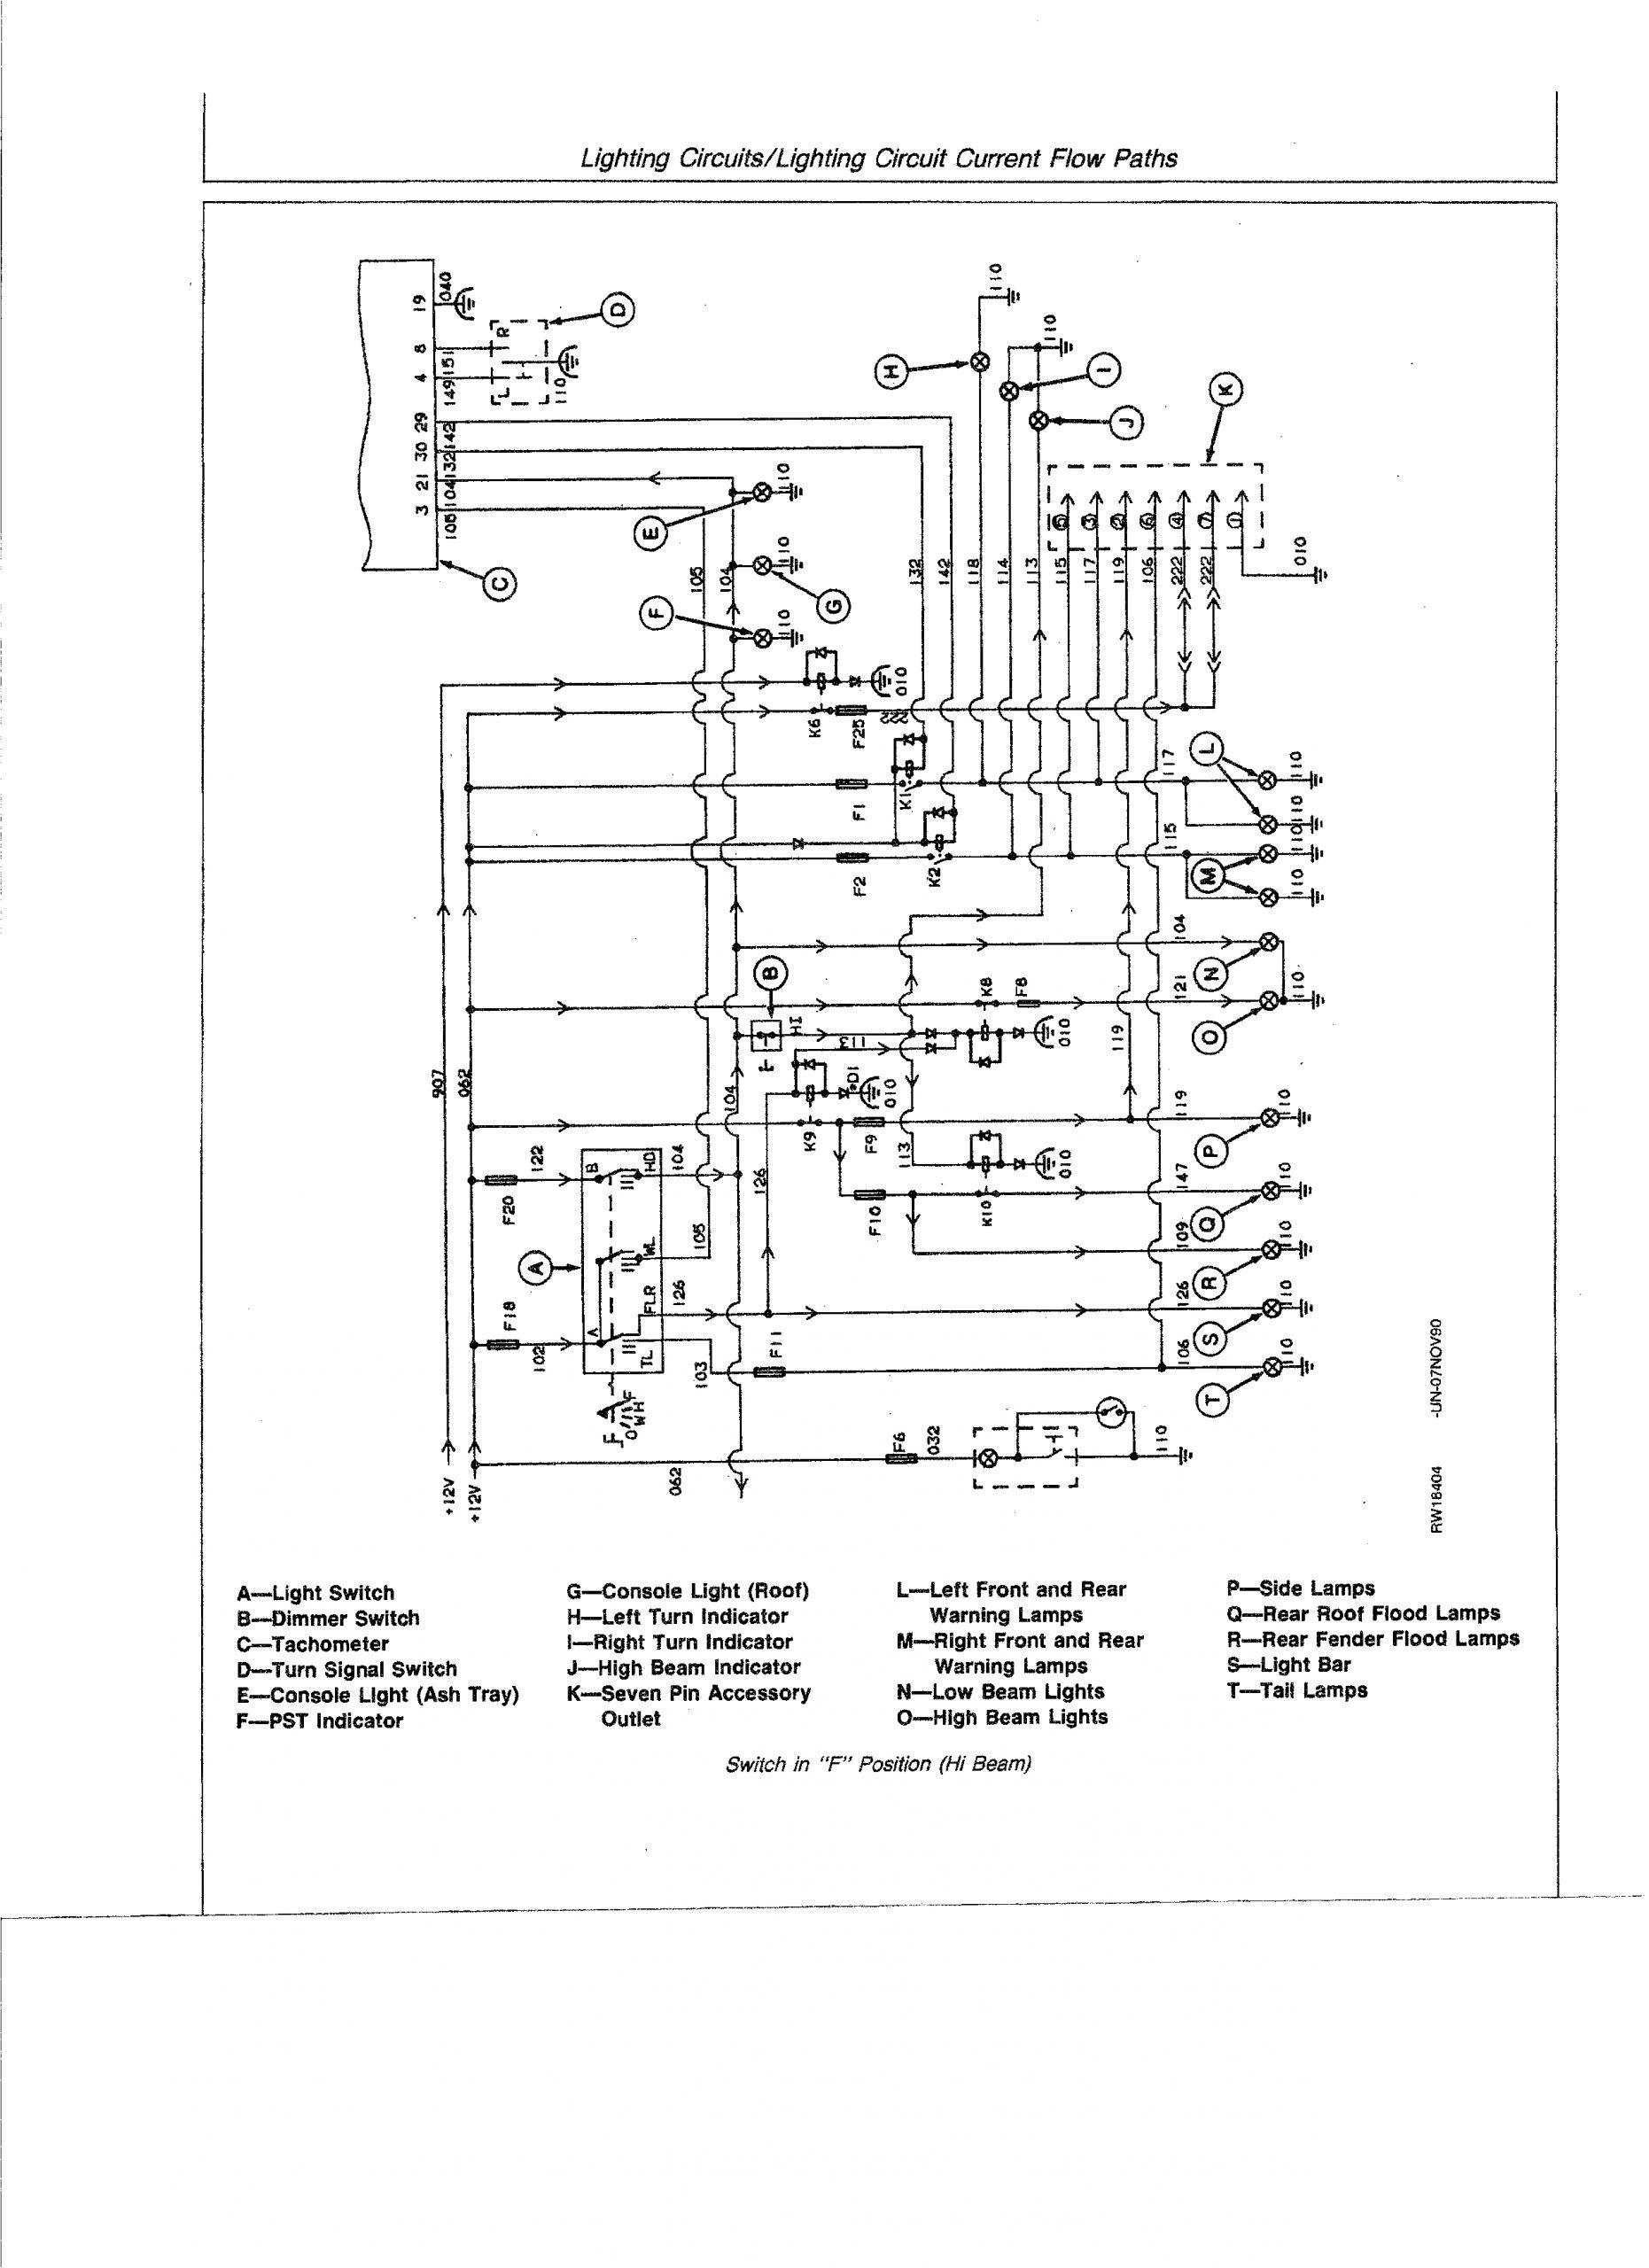 John Deere 4455 Wiring Diagram Denso 234 4055 Wiring Diagram Diagram Base Website Wiring